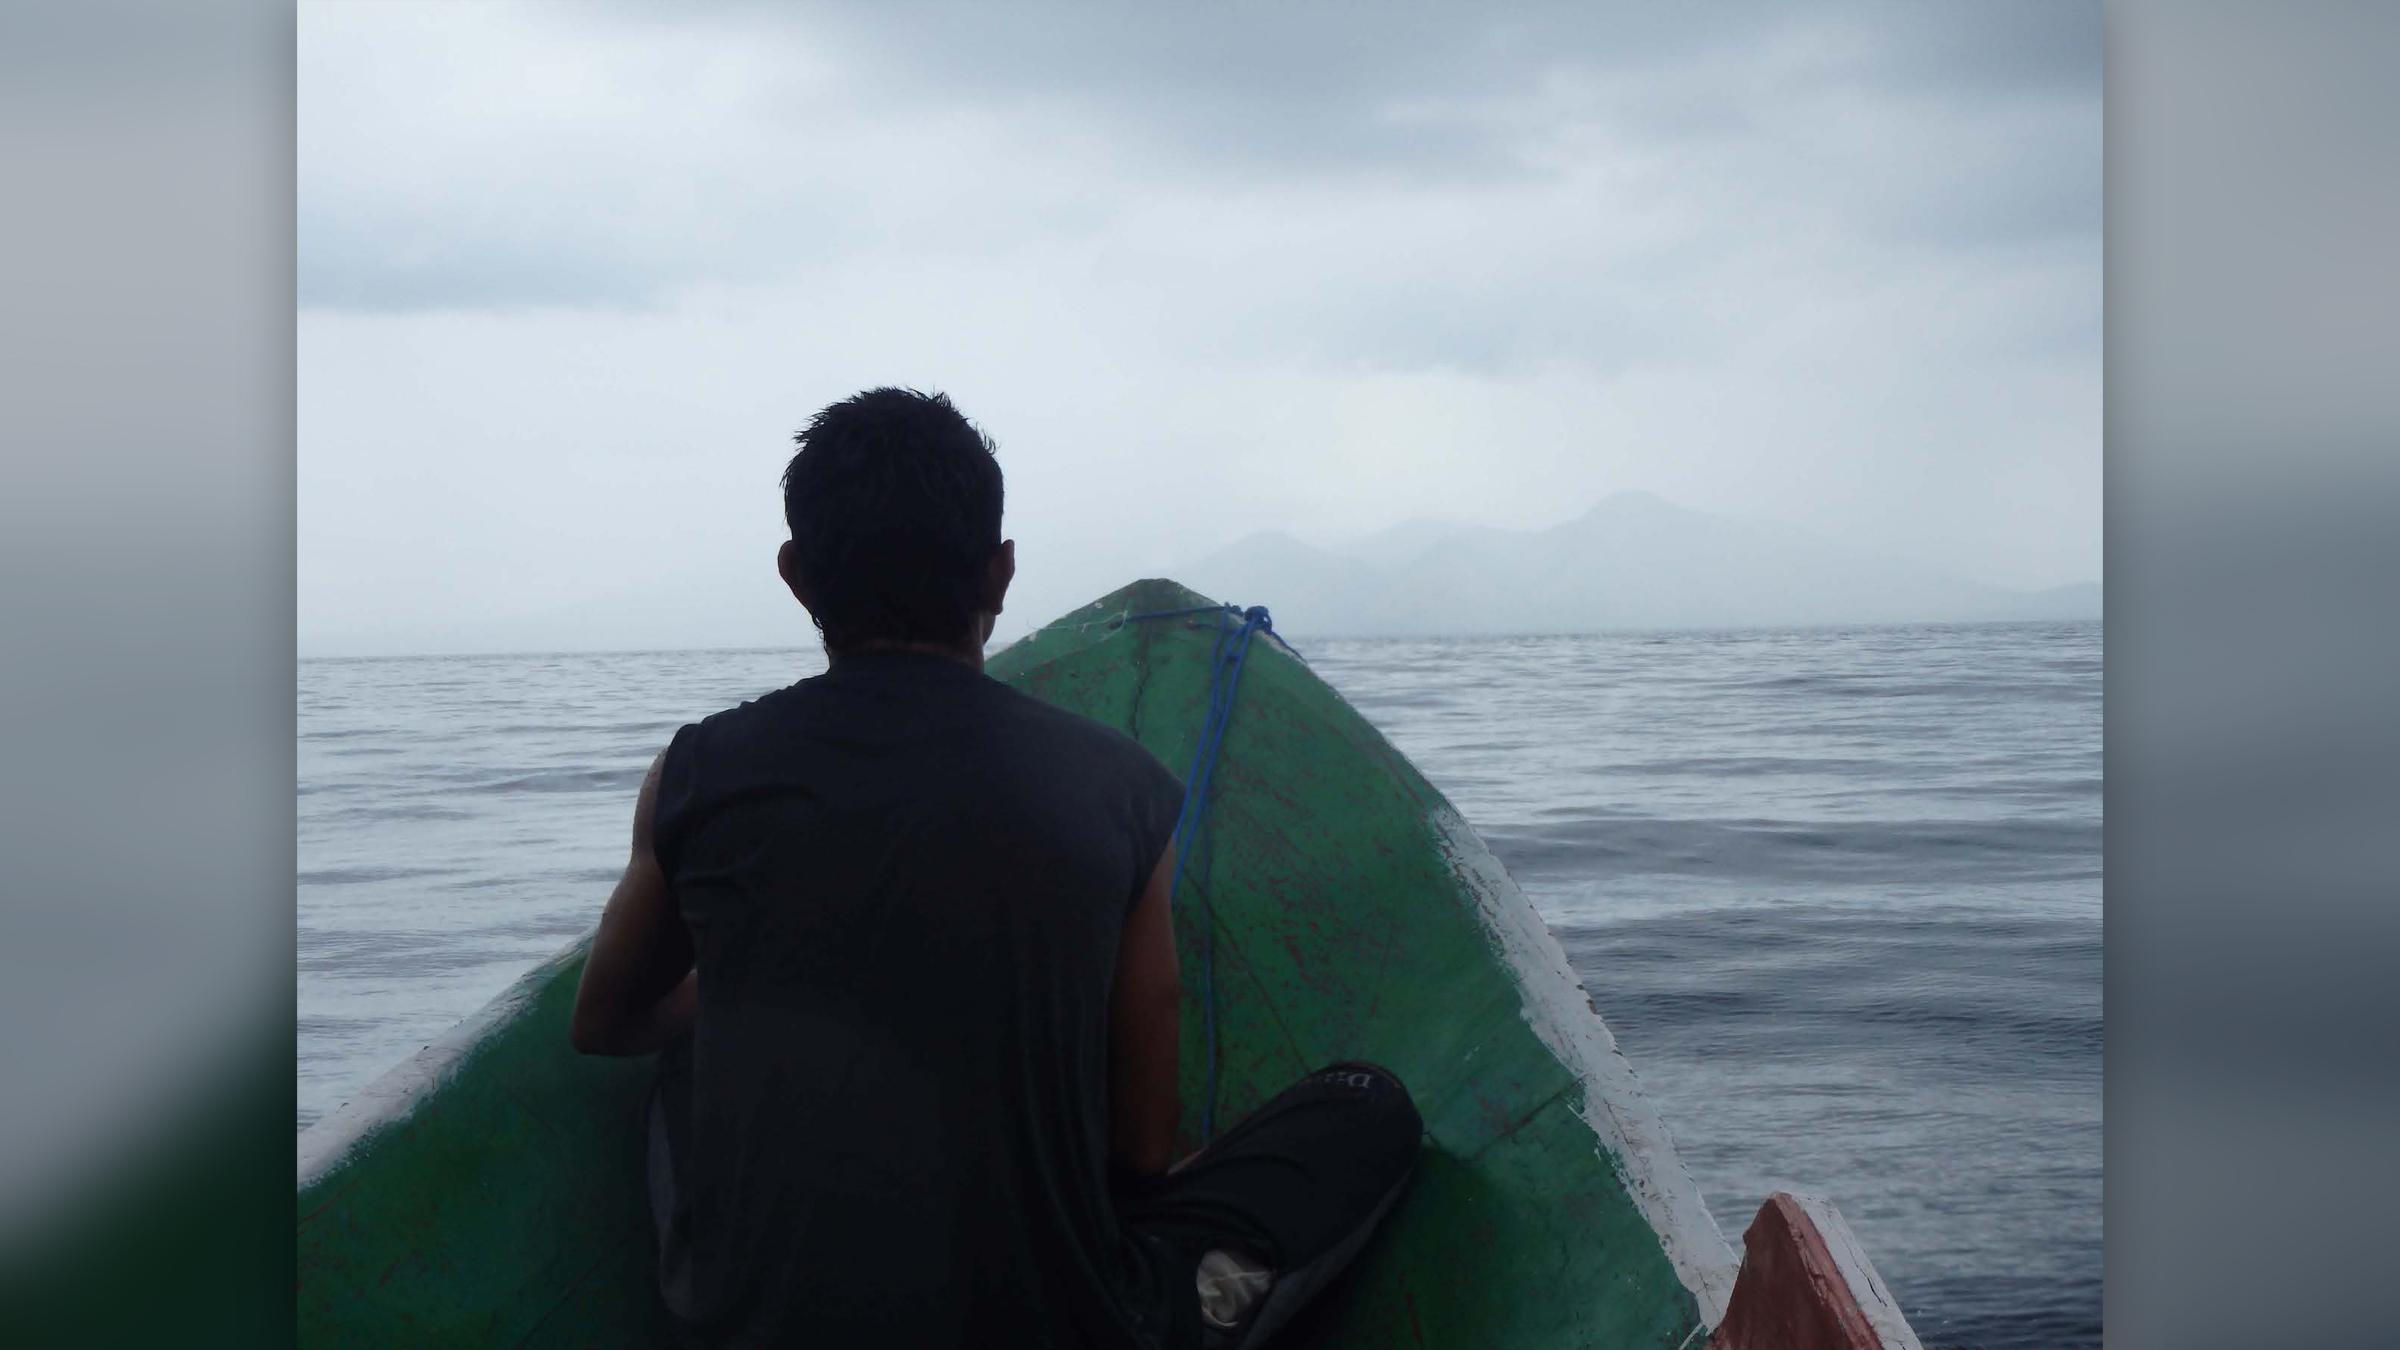 Les chercheurs arrivent sur l'île de Pantar dans la chaîne d'îles de Nusa Tenggara en Indonésie.